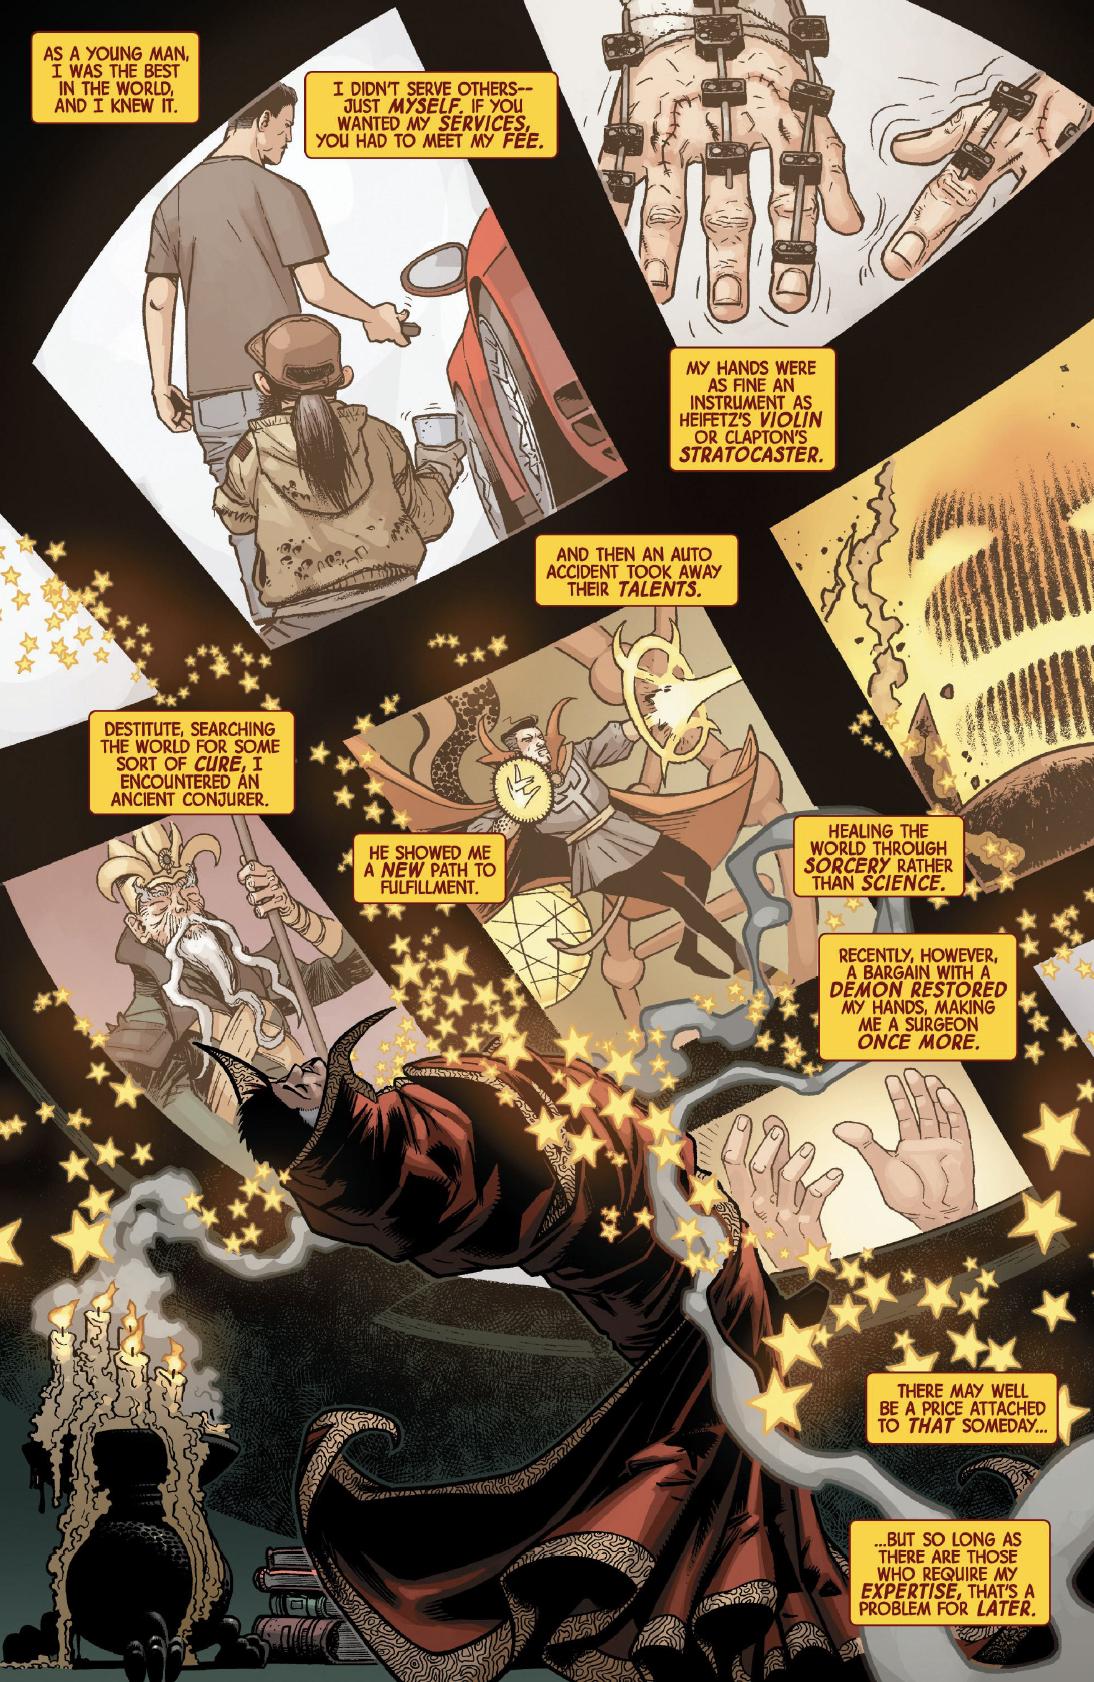 Page 7 of Dr. Strange #1